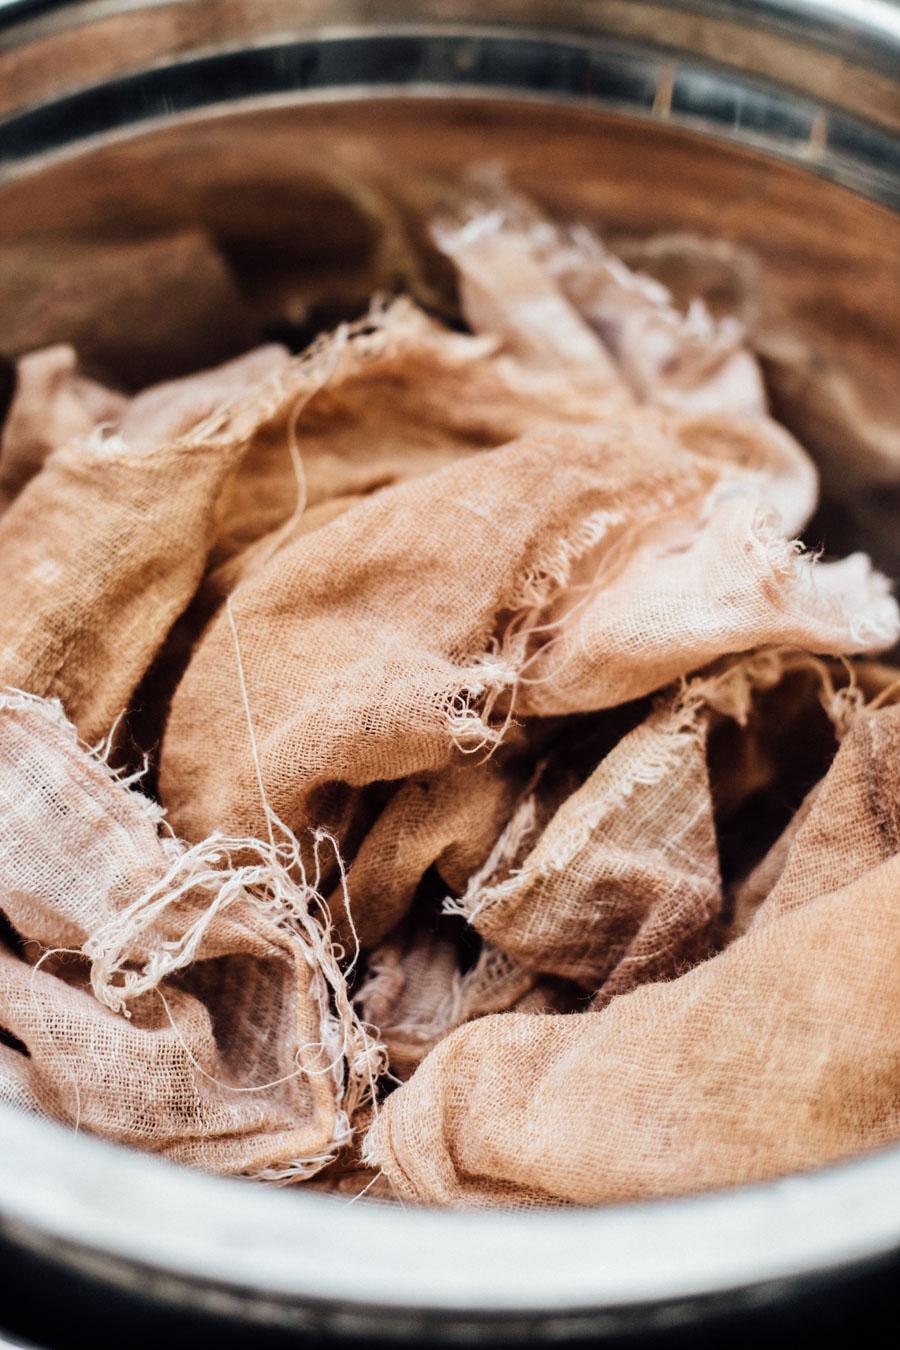 Dye cloths